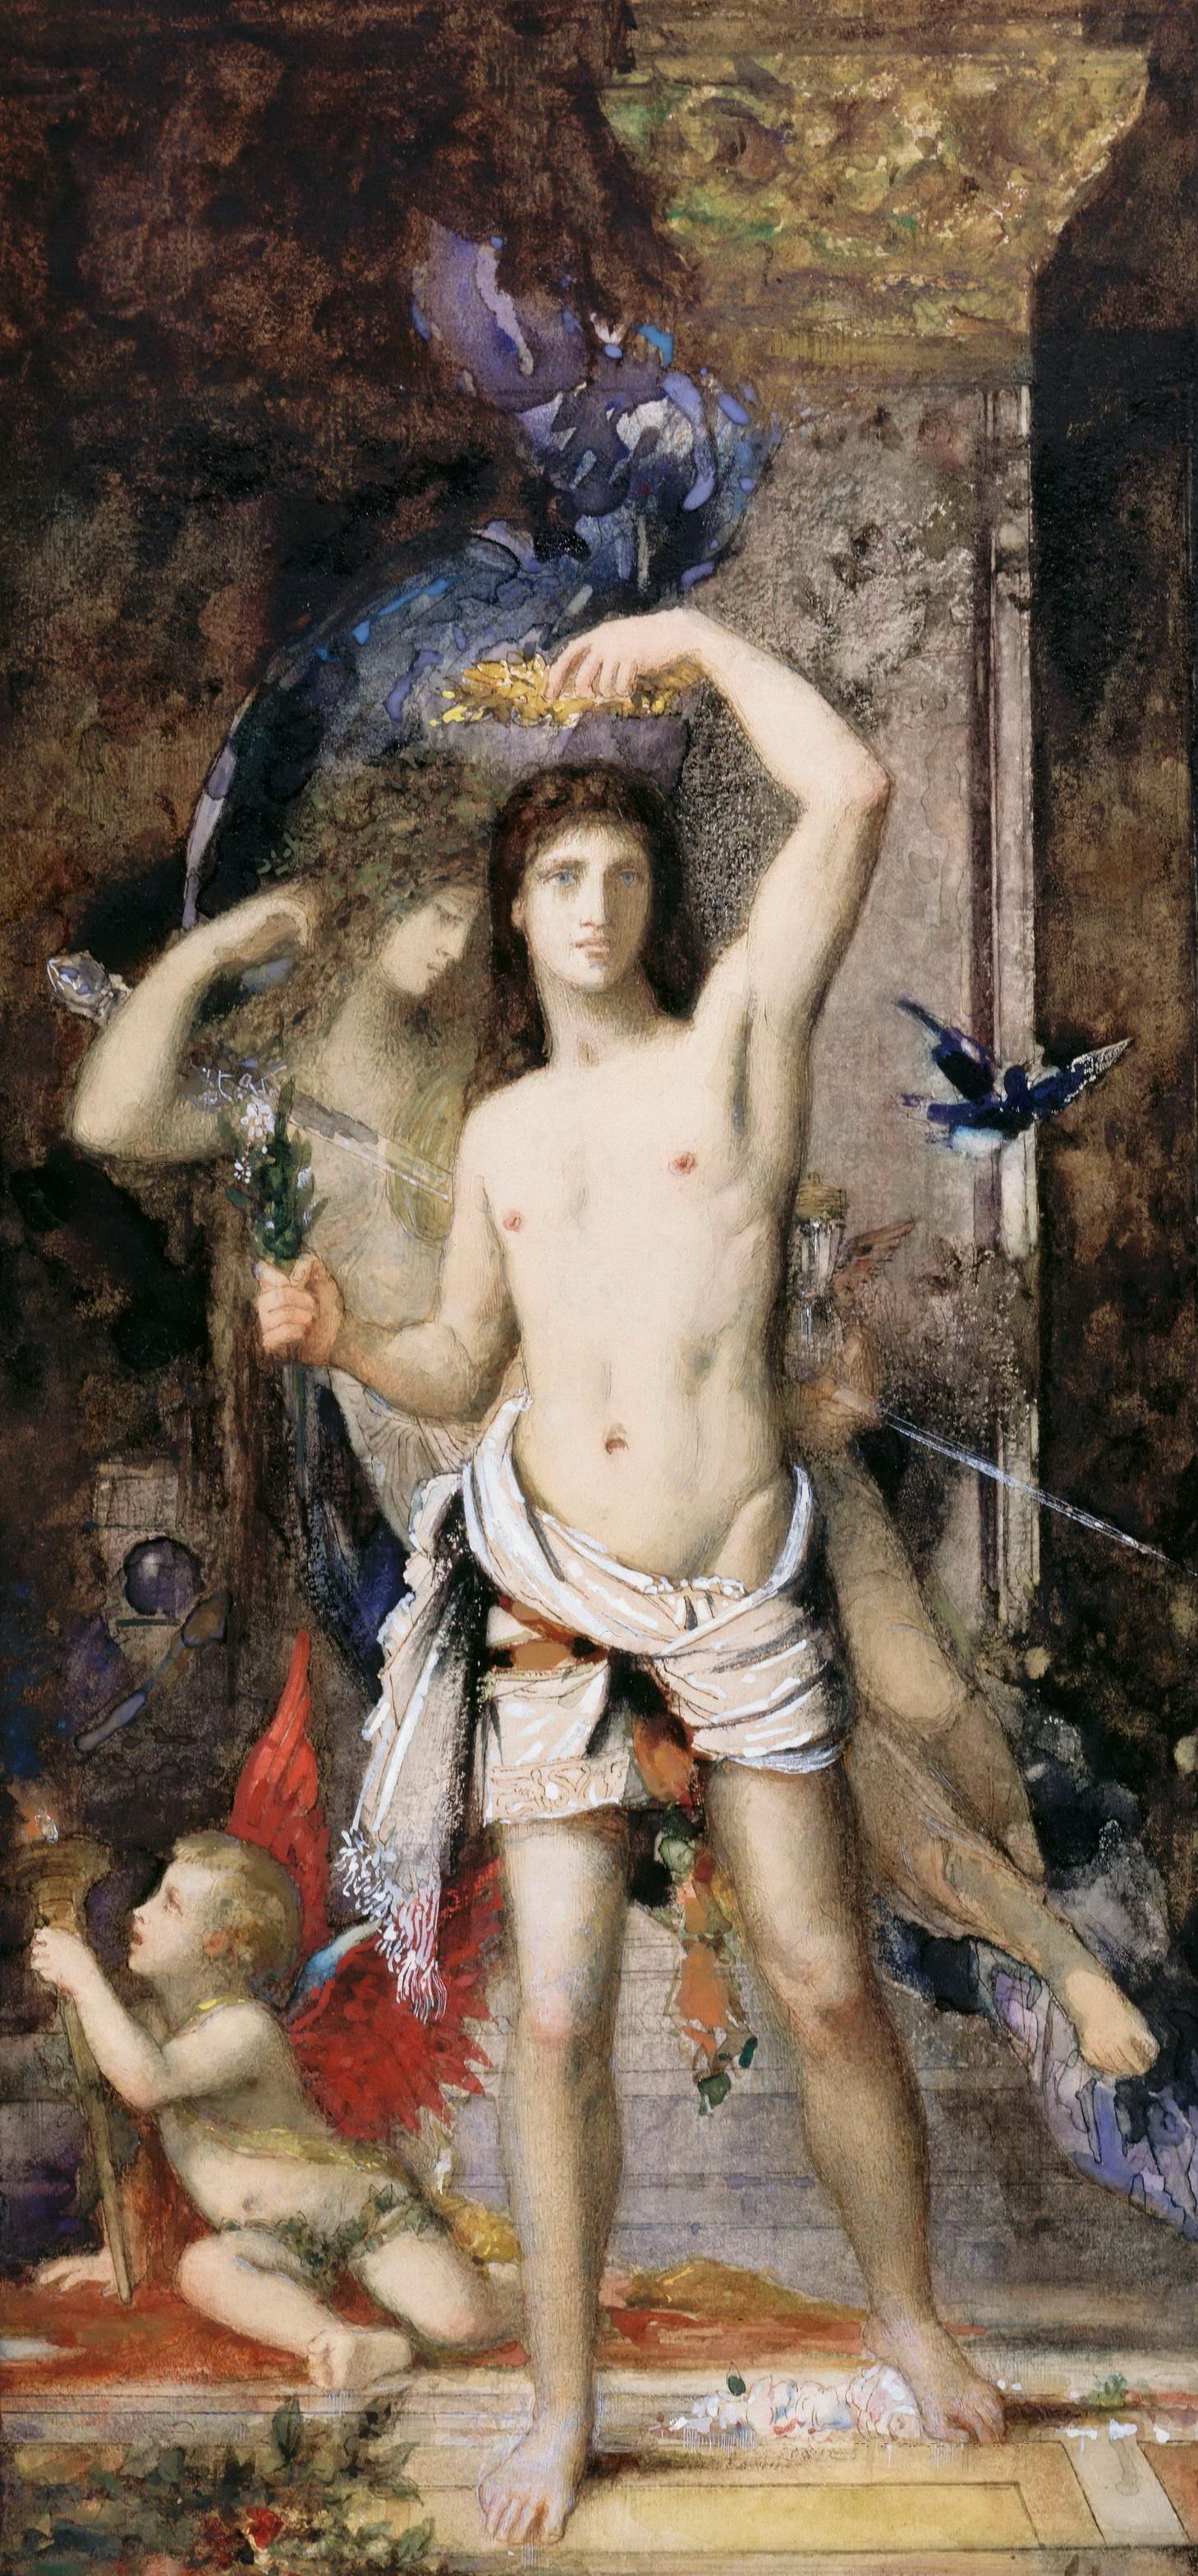 1881_Юноша и смерть (36 х 22.8 см) (акварель, гуашь и карандаш) (Париж, Лувр)